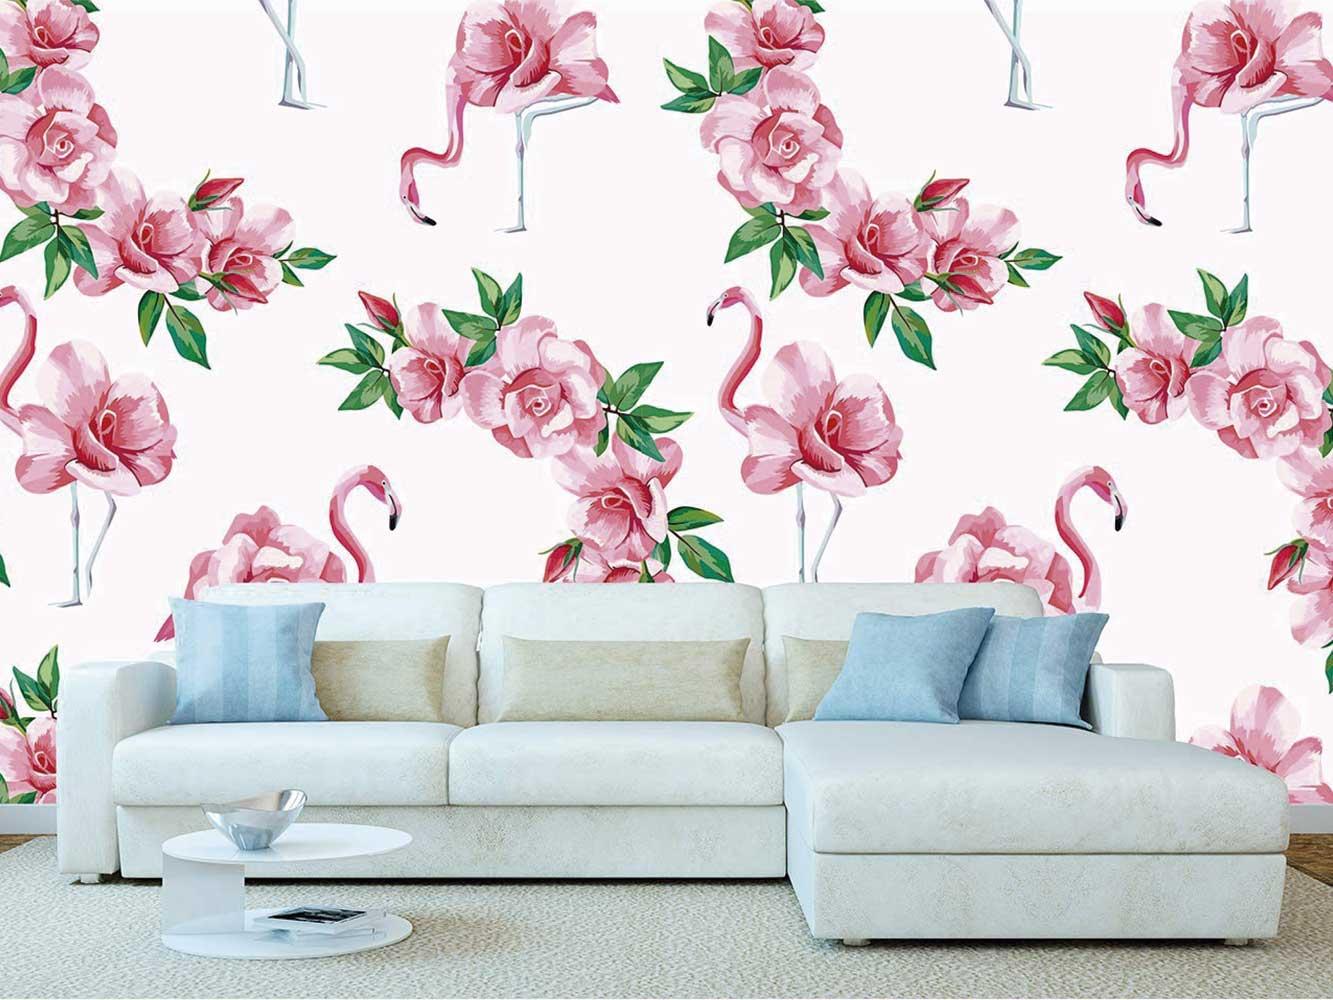 Fotomural Vinilo Flamencos Florales Rosas | Carteles XXL - Impresión carteleria publicitaria